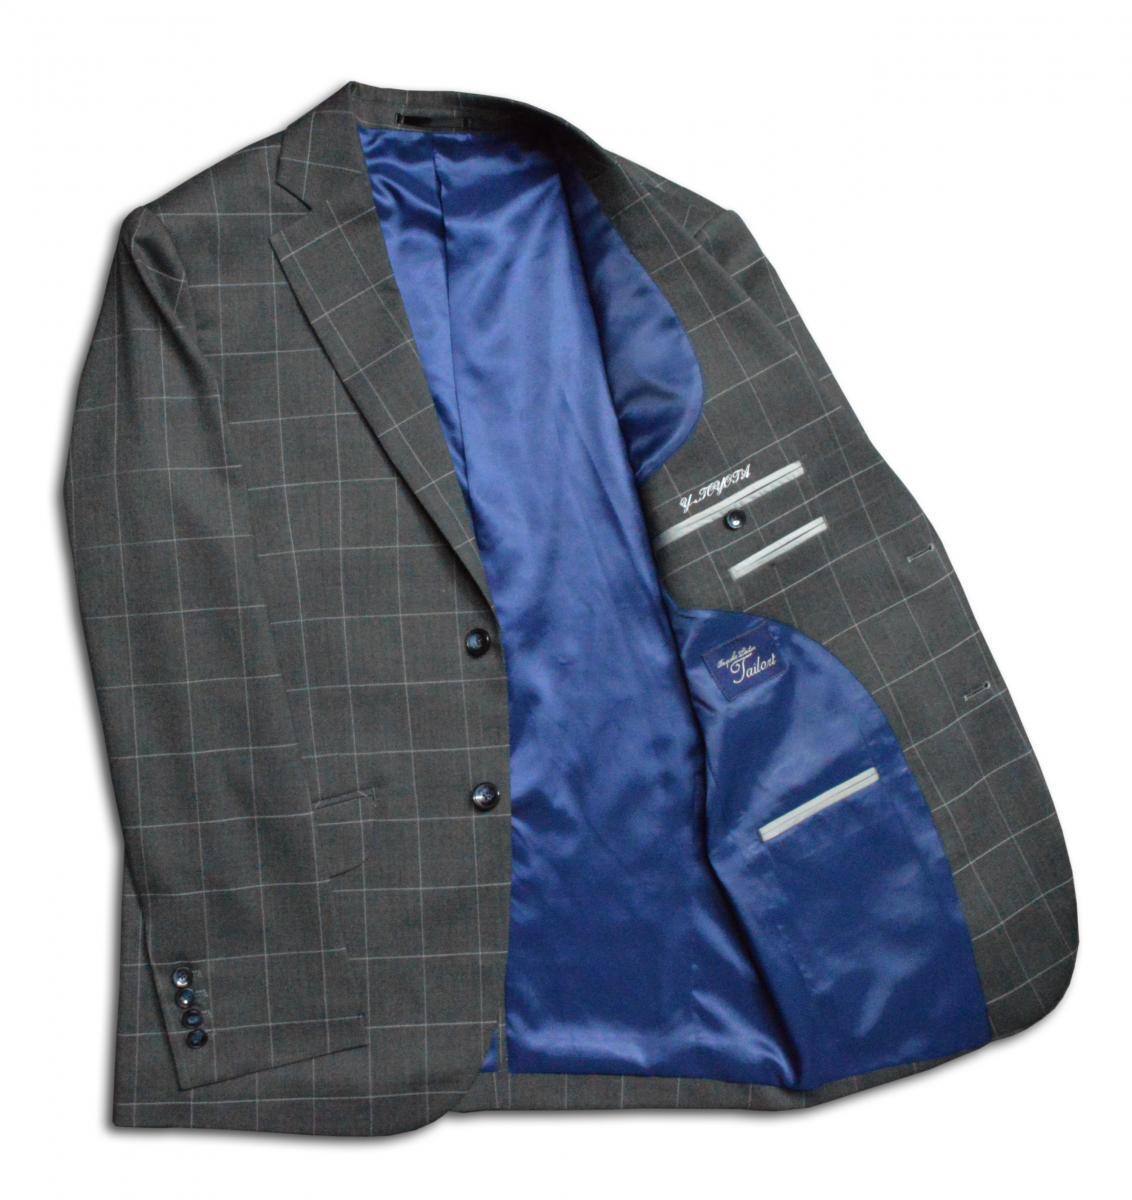 [オーダーレディーススーツ スカートセット]幅広チェックでお洒落を、好感度もアップ!